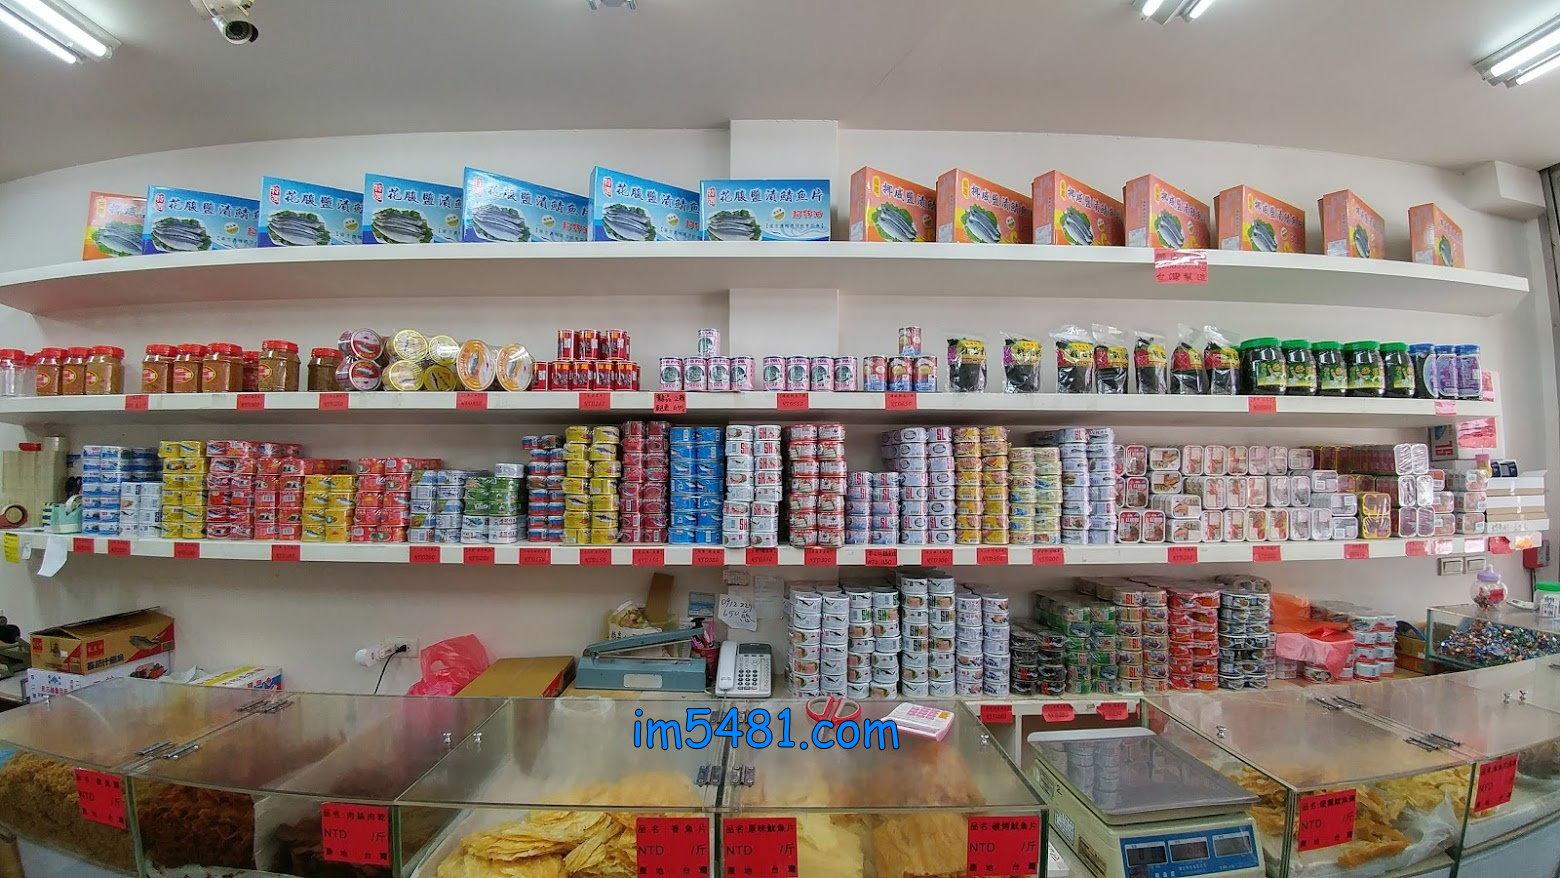 現在宜蘭的長期存放用水產產品是罐頭跟乾貨(包含柴魚)